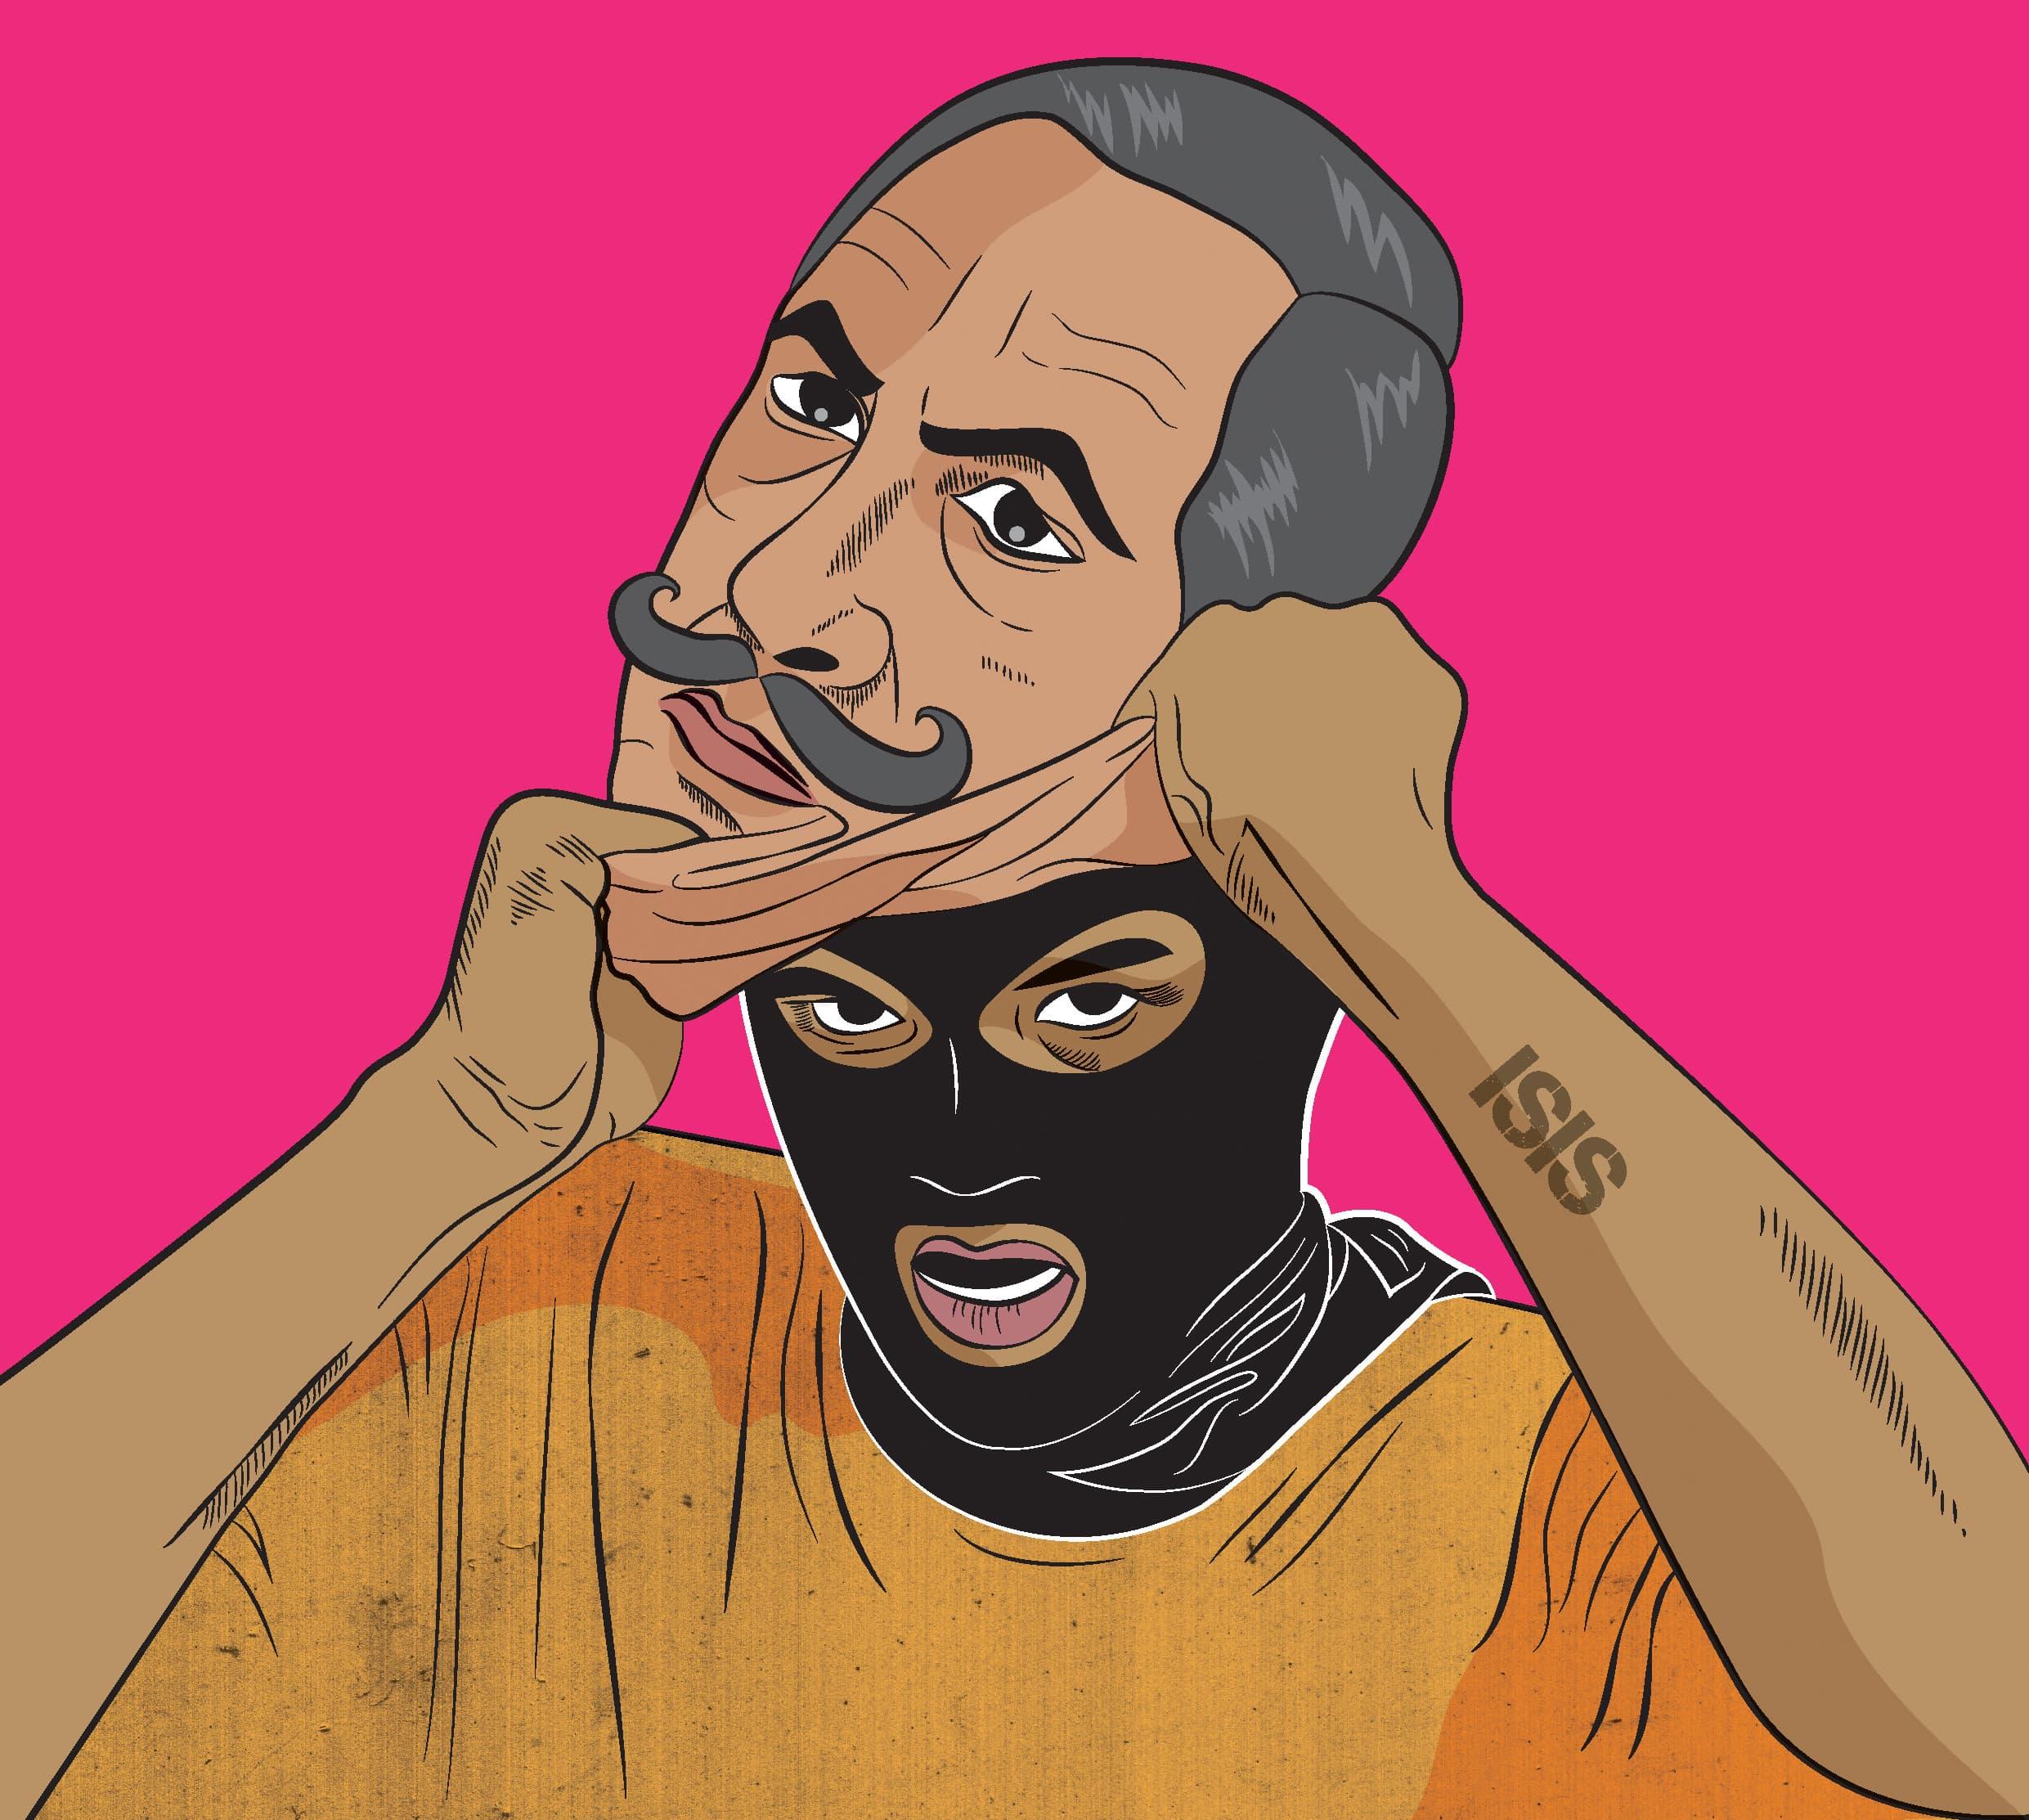 Illustration by Samya Arif